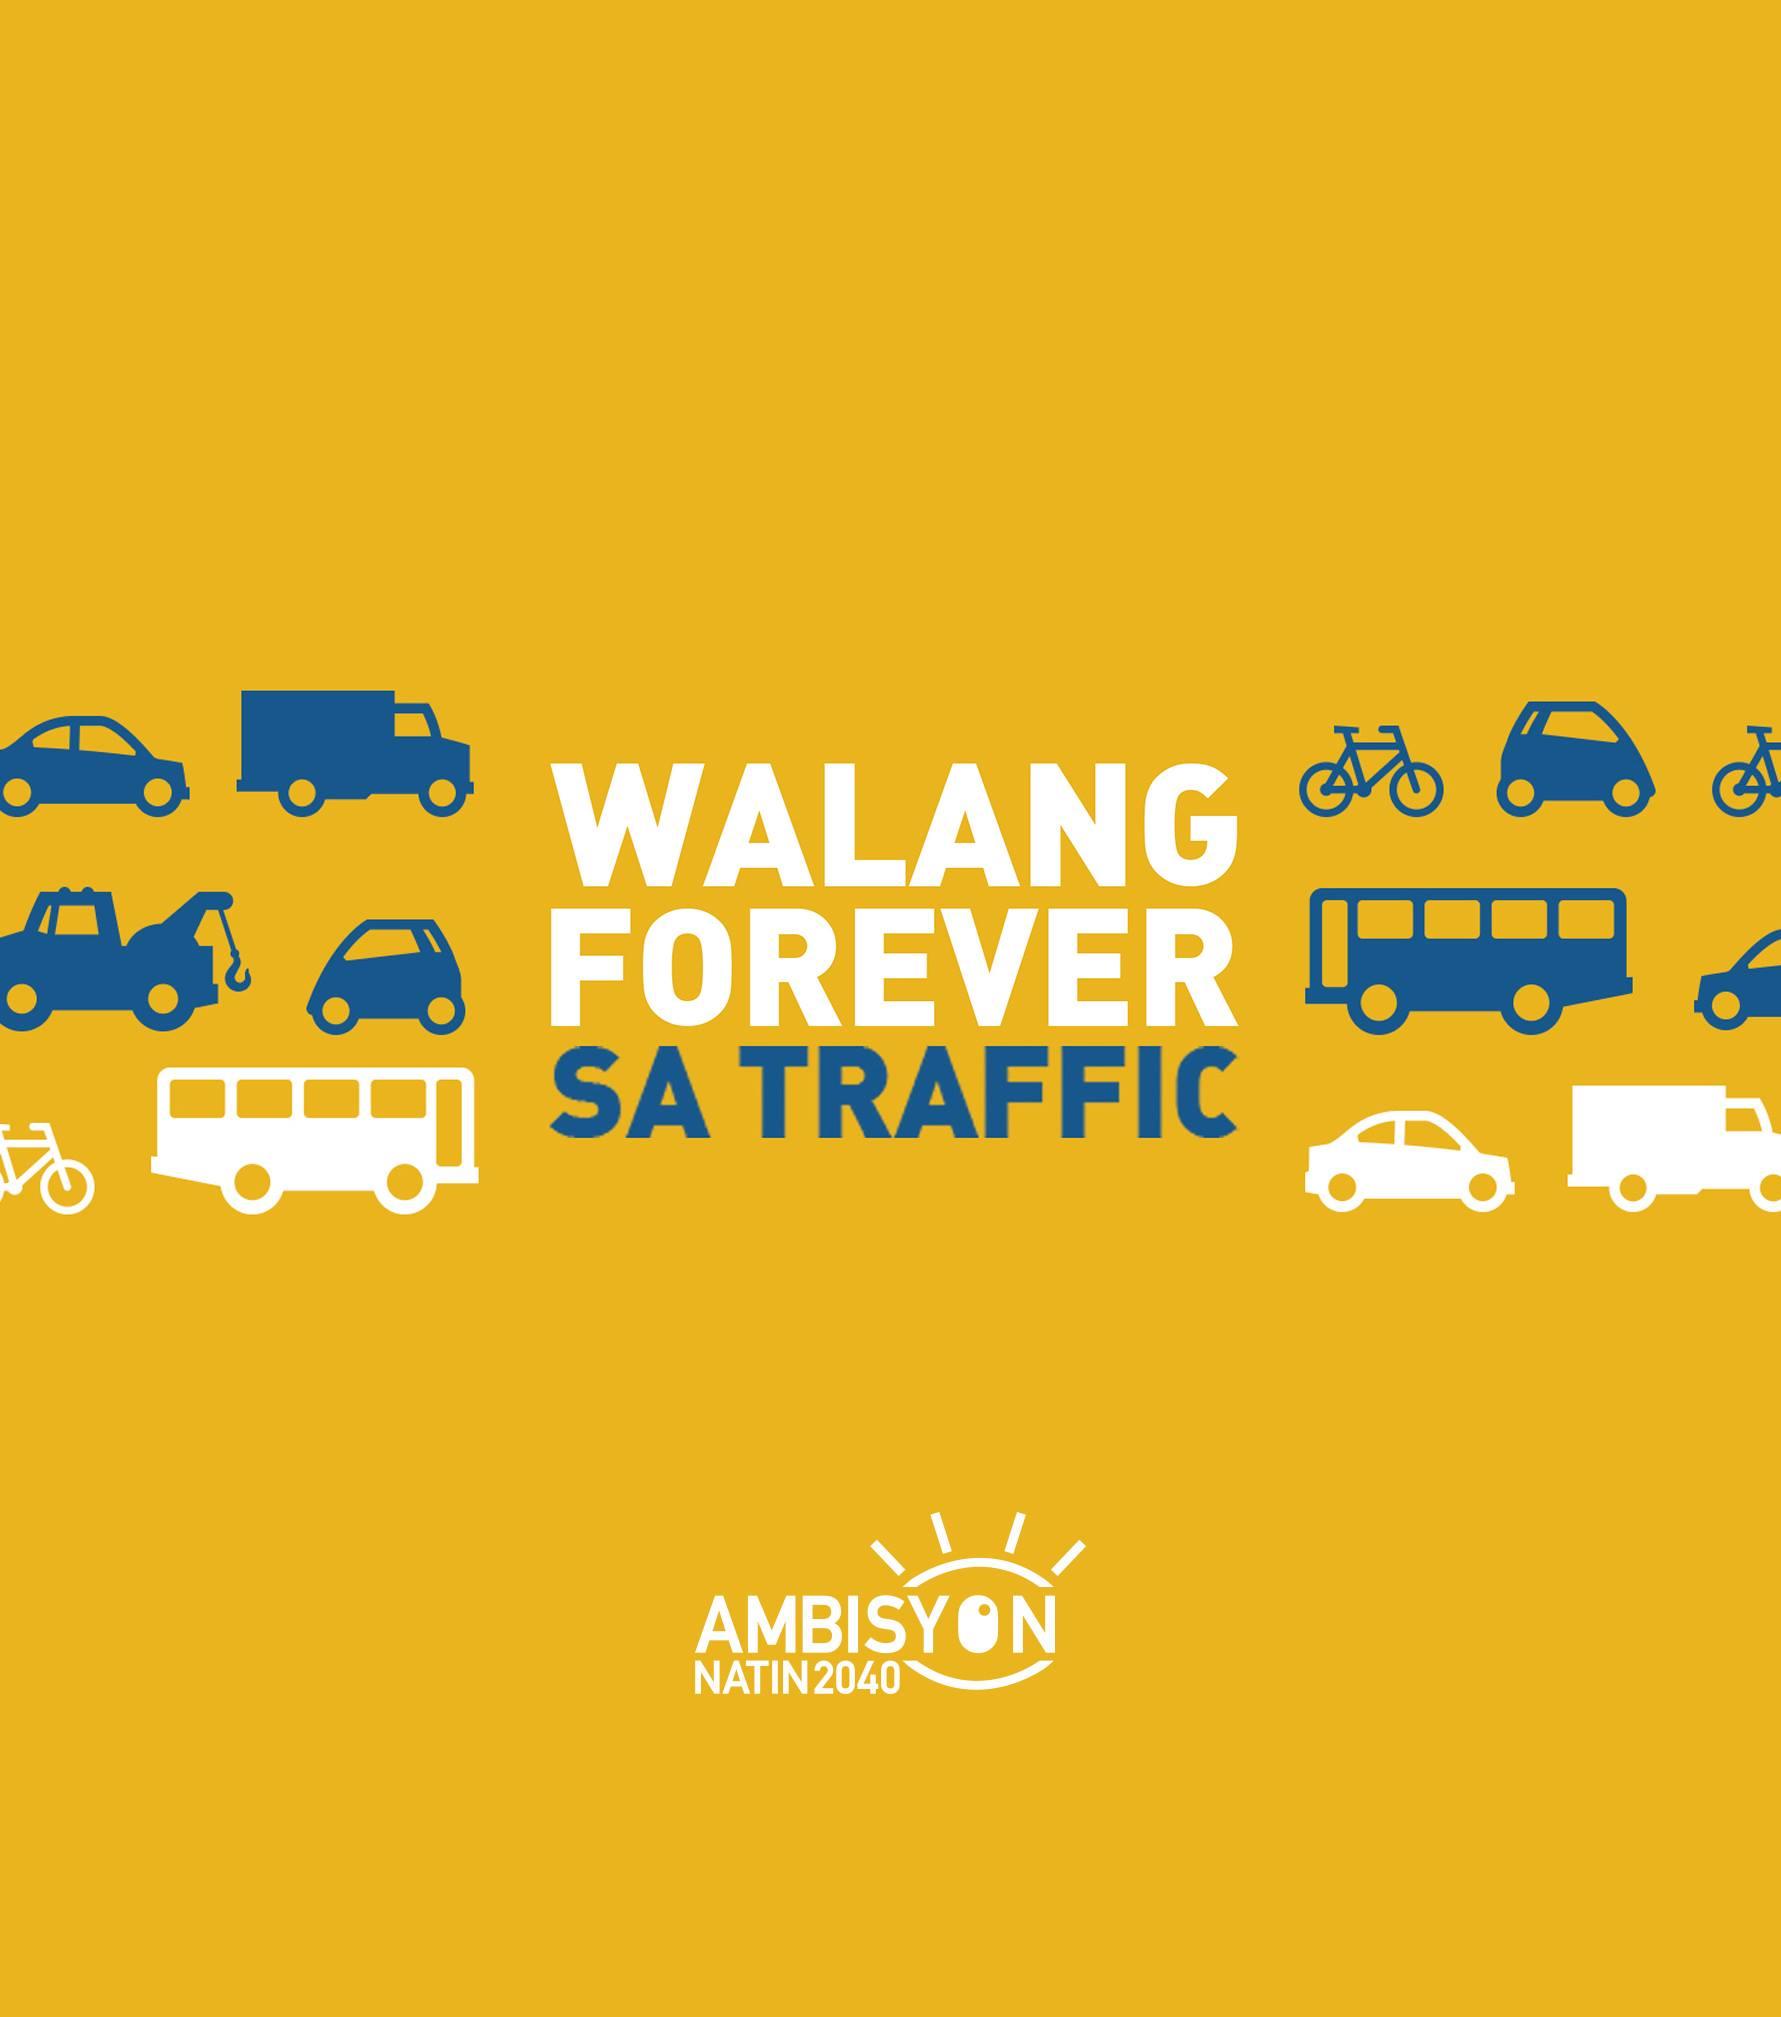 Walang traffic